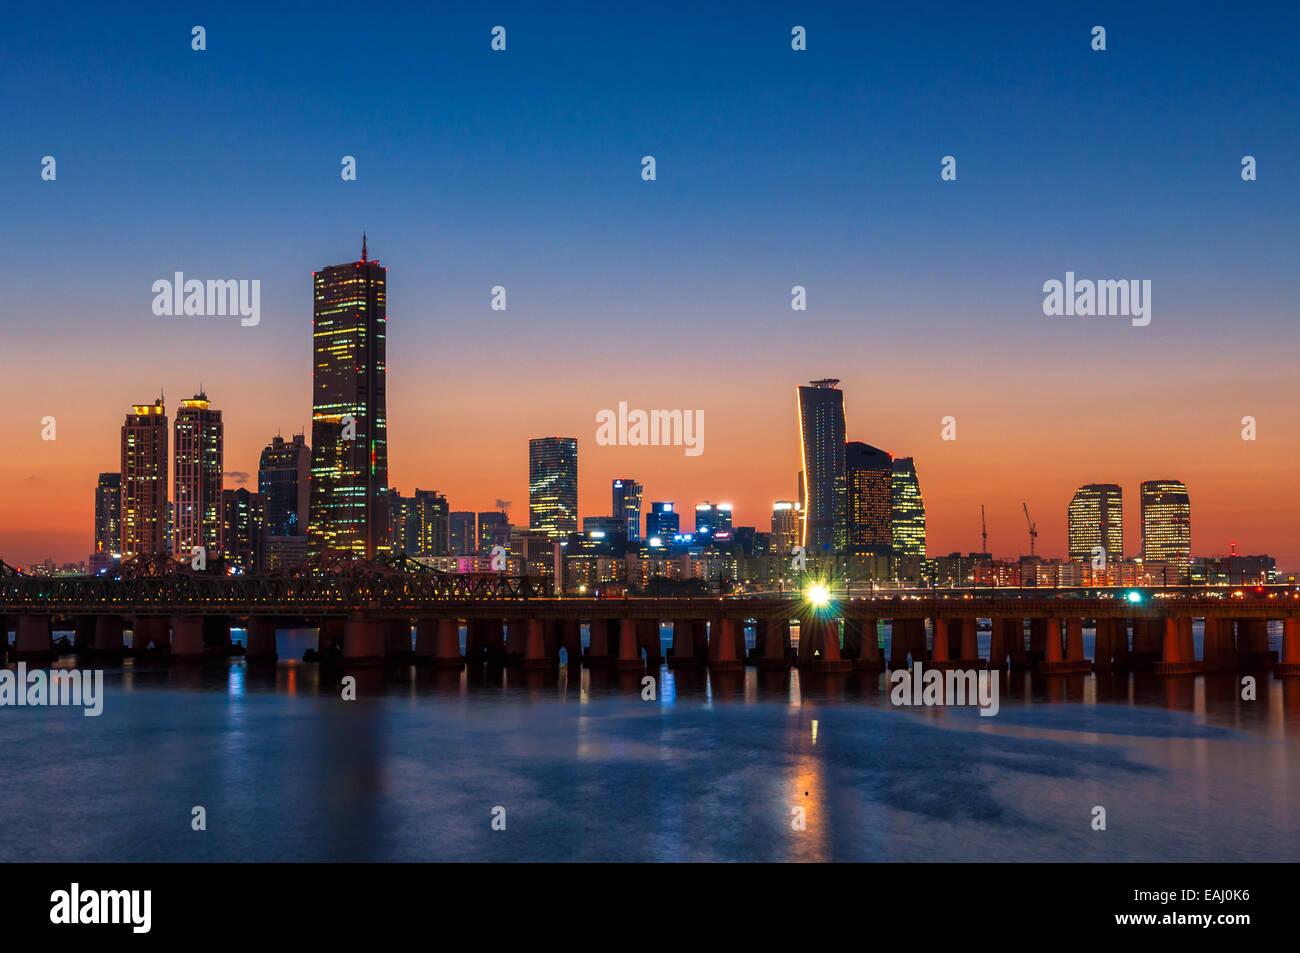 Le soleil se couche derrière les gratte-ciel de Séoul, Corée du Sud. Photo Stock